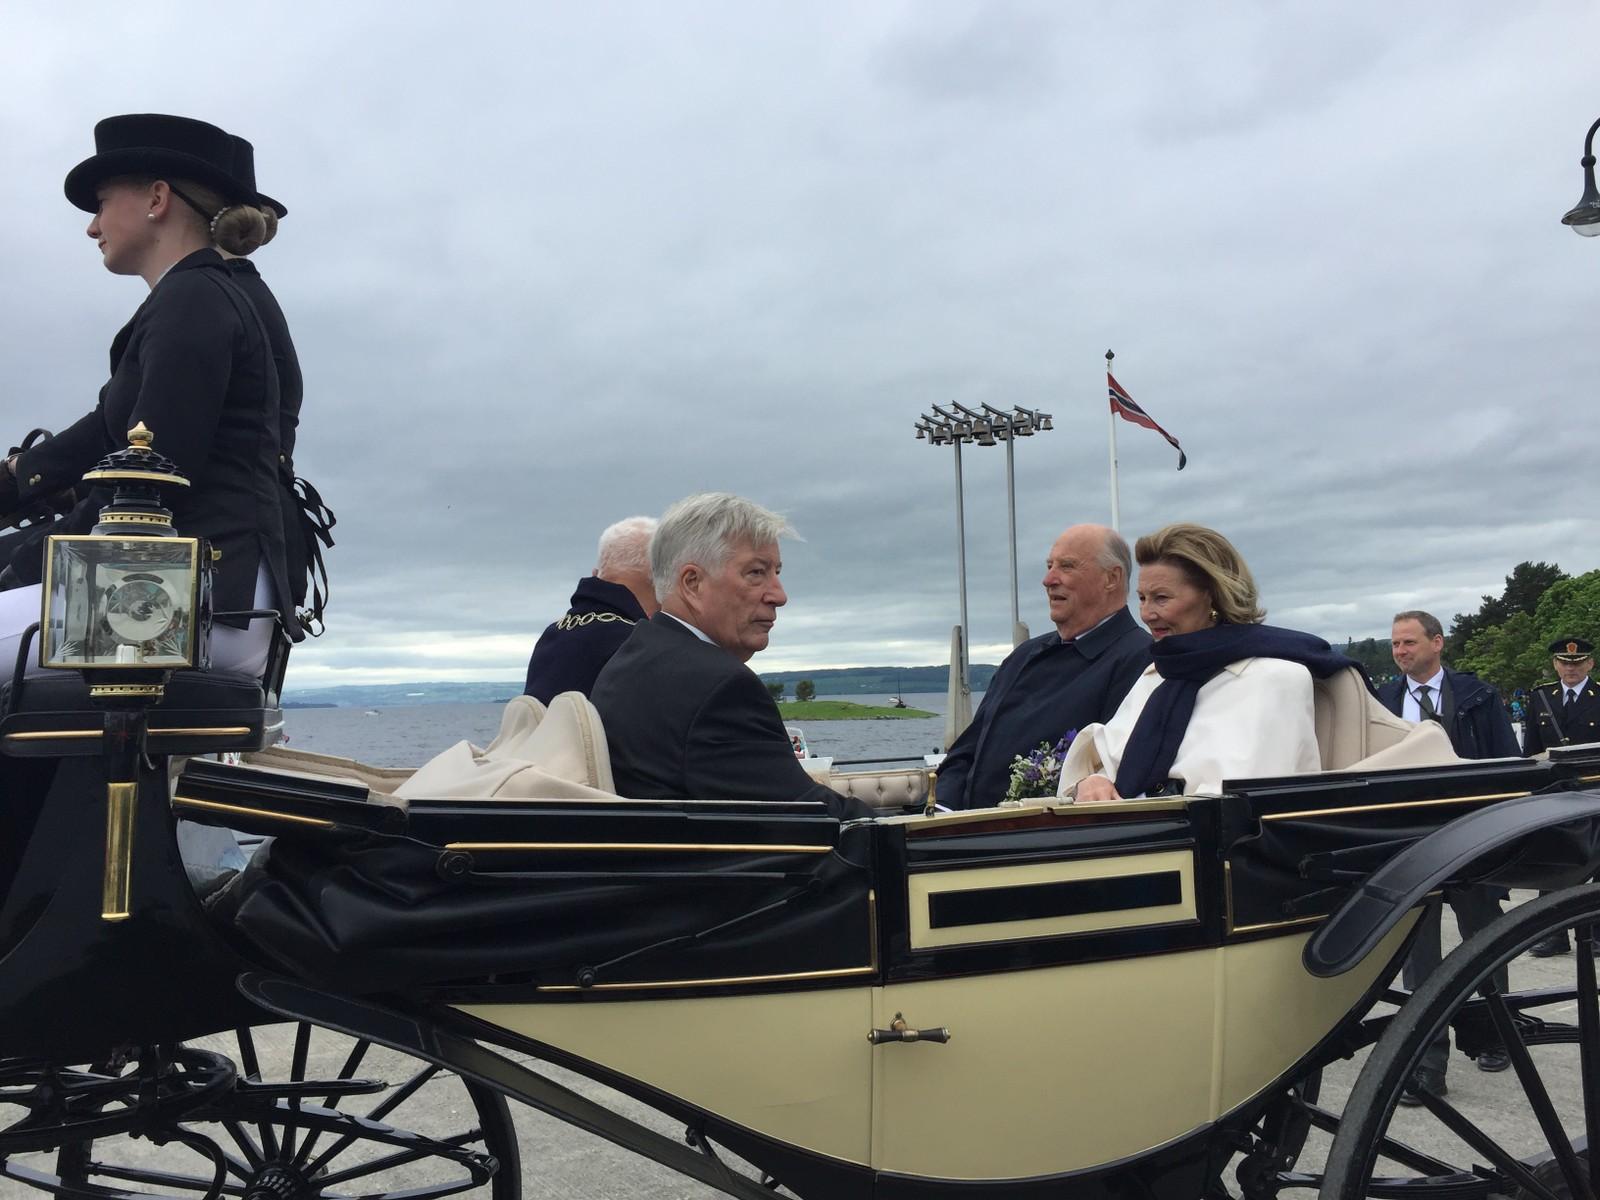 Etter at kongeparet startet sitt besøk på Domkirkeodden med gregorianske toner, så gikk ferden videre med hest og vogn til Skibladnerbrygga.